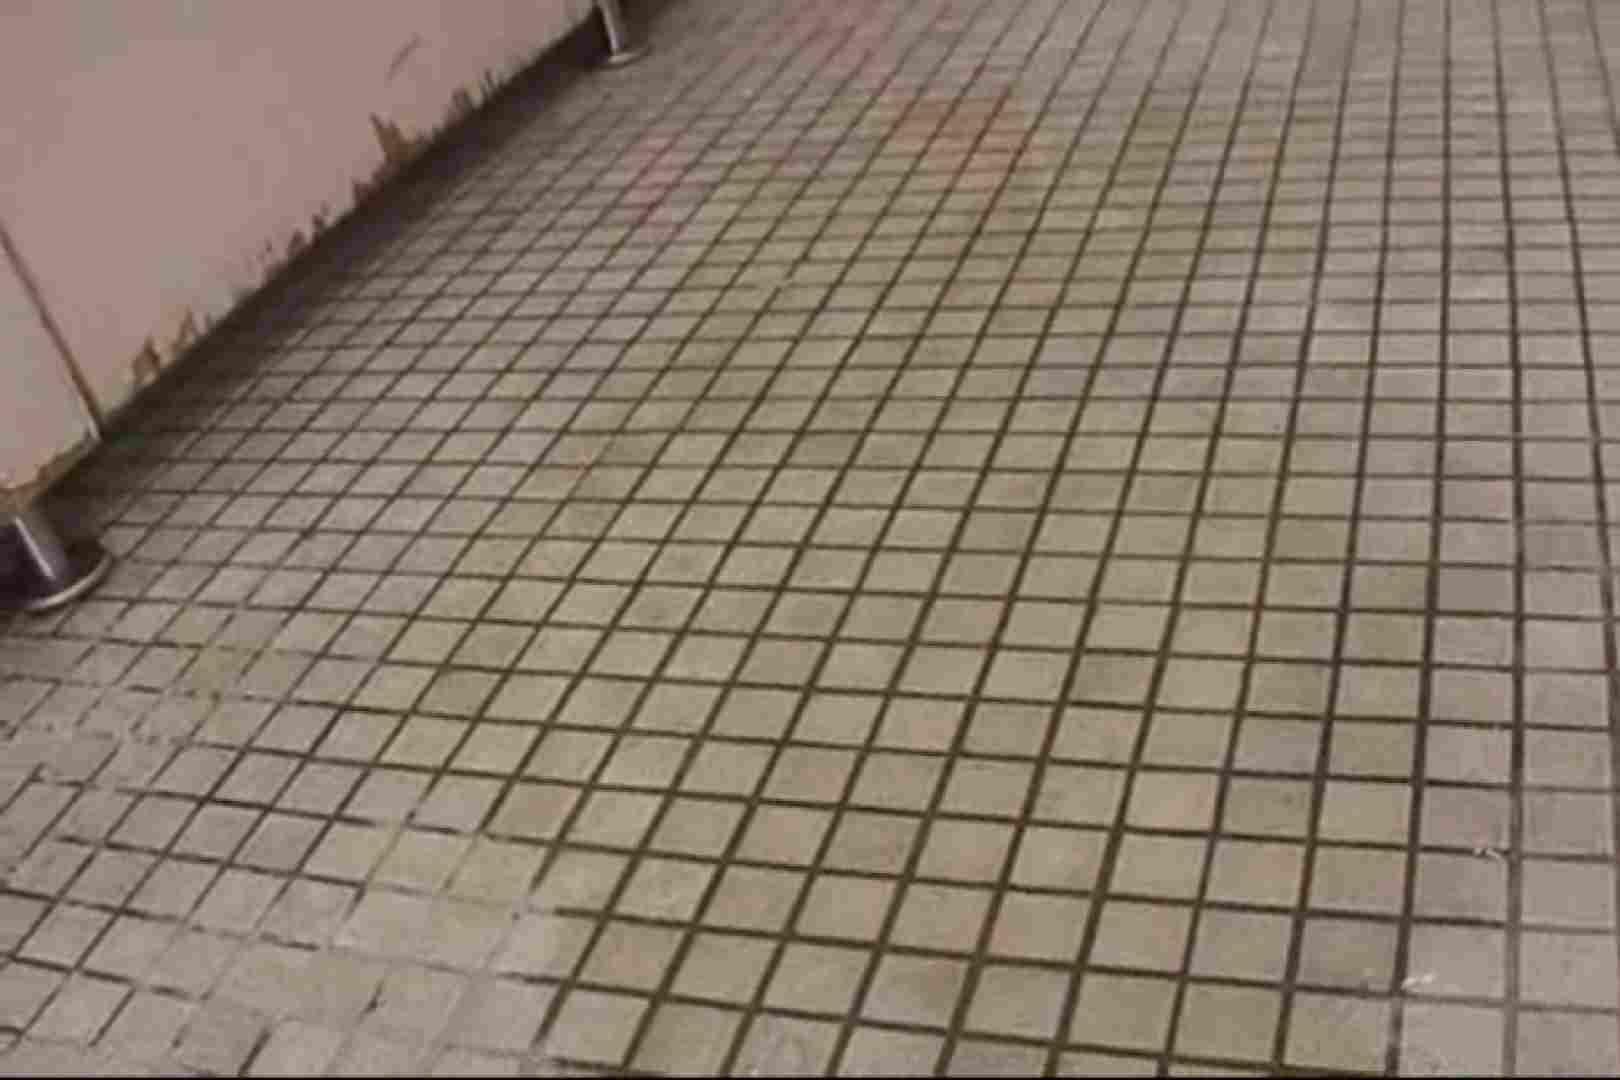 雑居ビル洗面所只今使用禁止中!Vol.5 ギャルヌード オメコ無修正動画無料 50画像 31